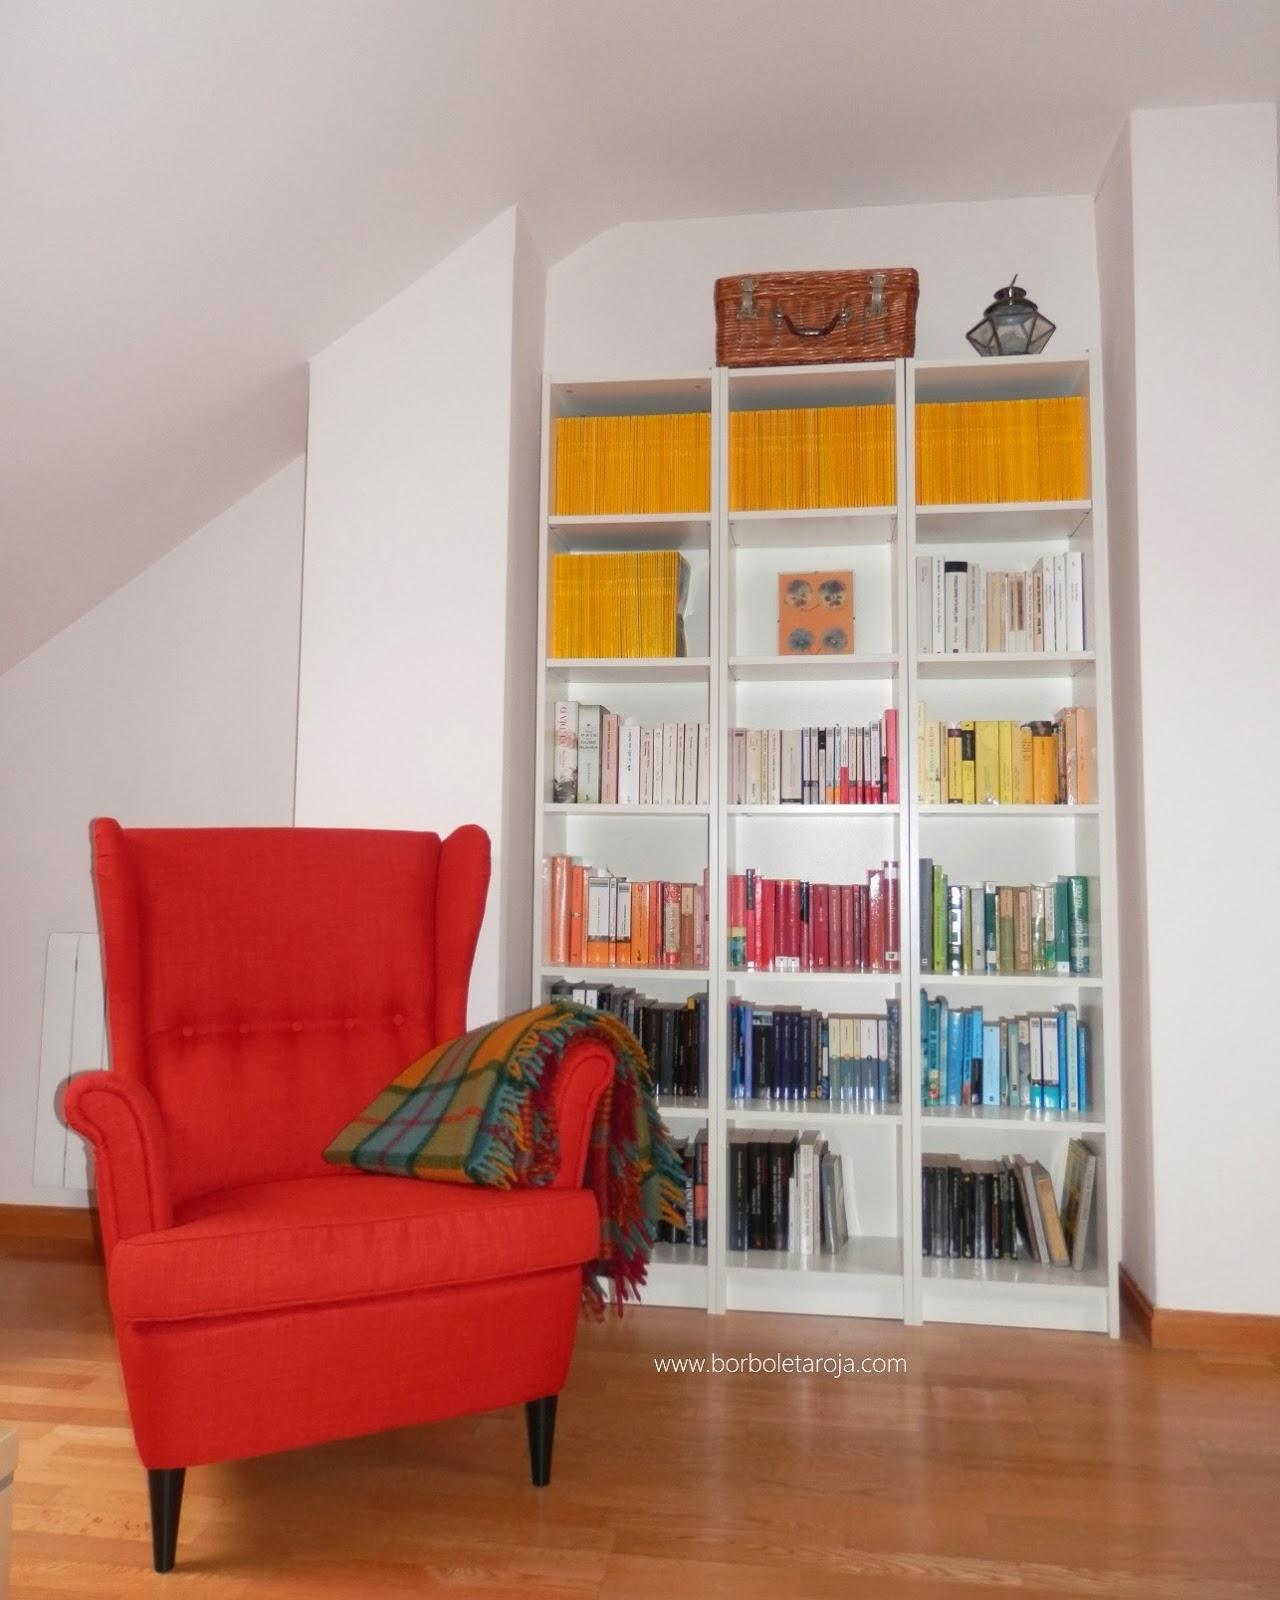 Borboleta Roja: Házlo tú mismo: Organizar libros por colores